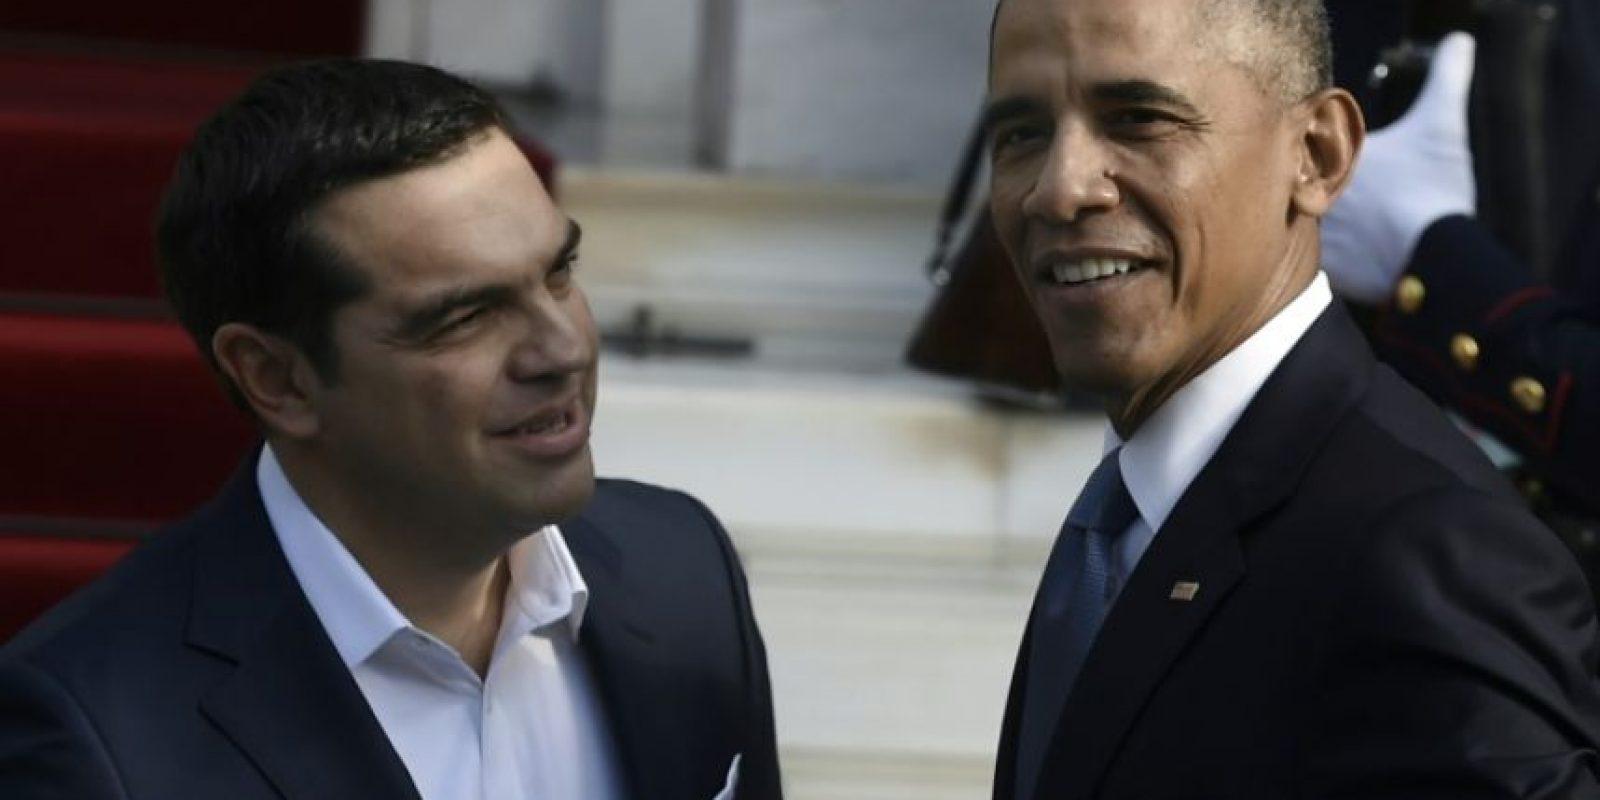 El primer ministro griego, Alexis Tsipras (izq), con el presidente estadounidense, Barack Obama, tras reunirse en Atenas el 15 de noviembre de 2016 Foto:Aris Messinis/afp.com